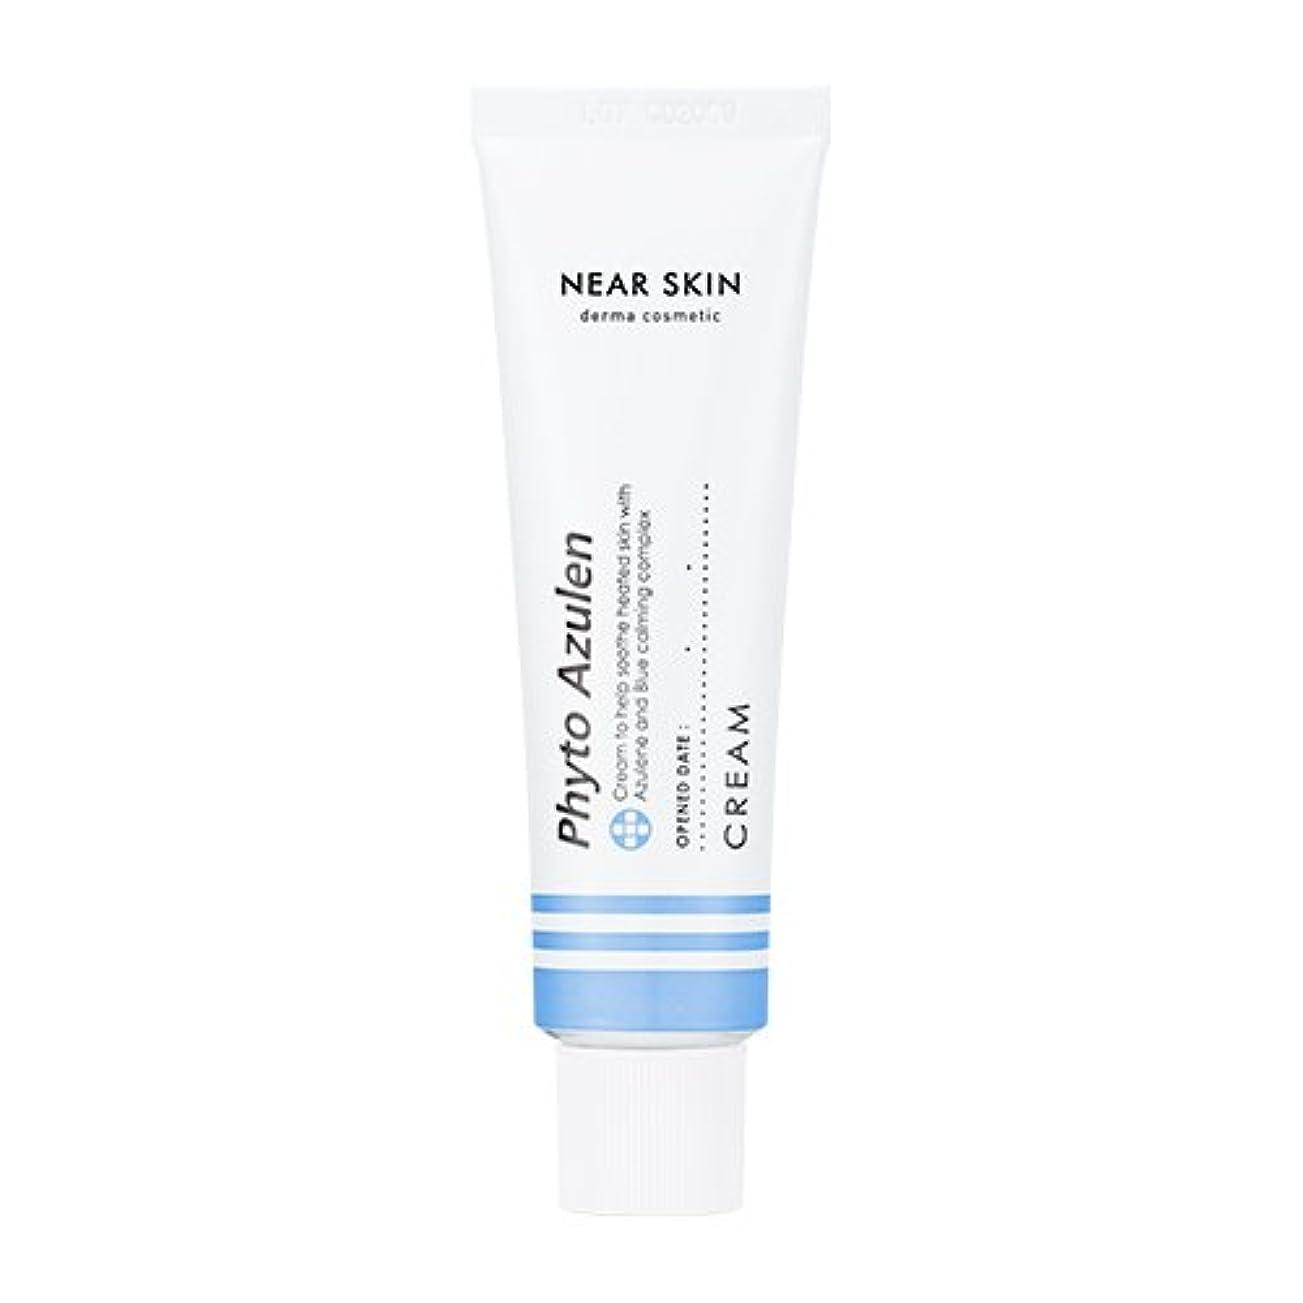 機密結晶強風MISSHA [NEAR SKIN] Phyto Azulen Cream/ミシャ ニアスキン フィトアズレンクリーム 50ml [並行輸入品]